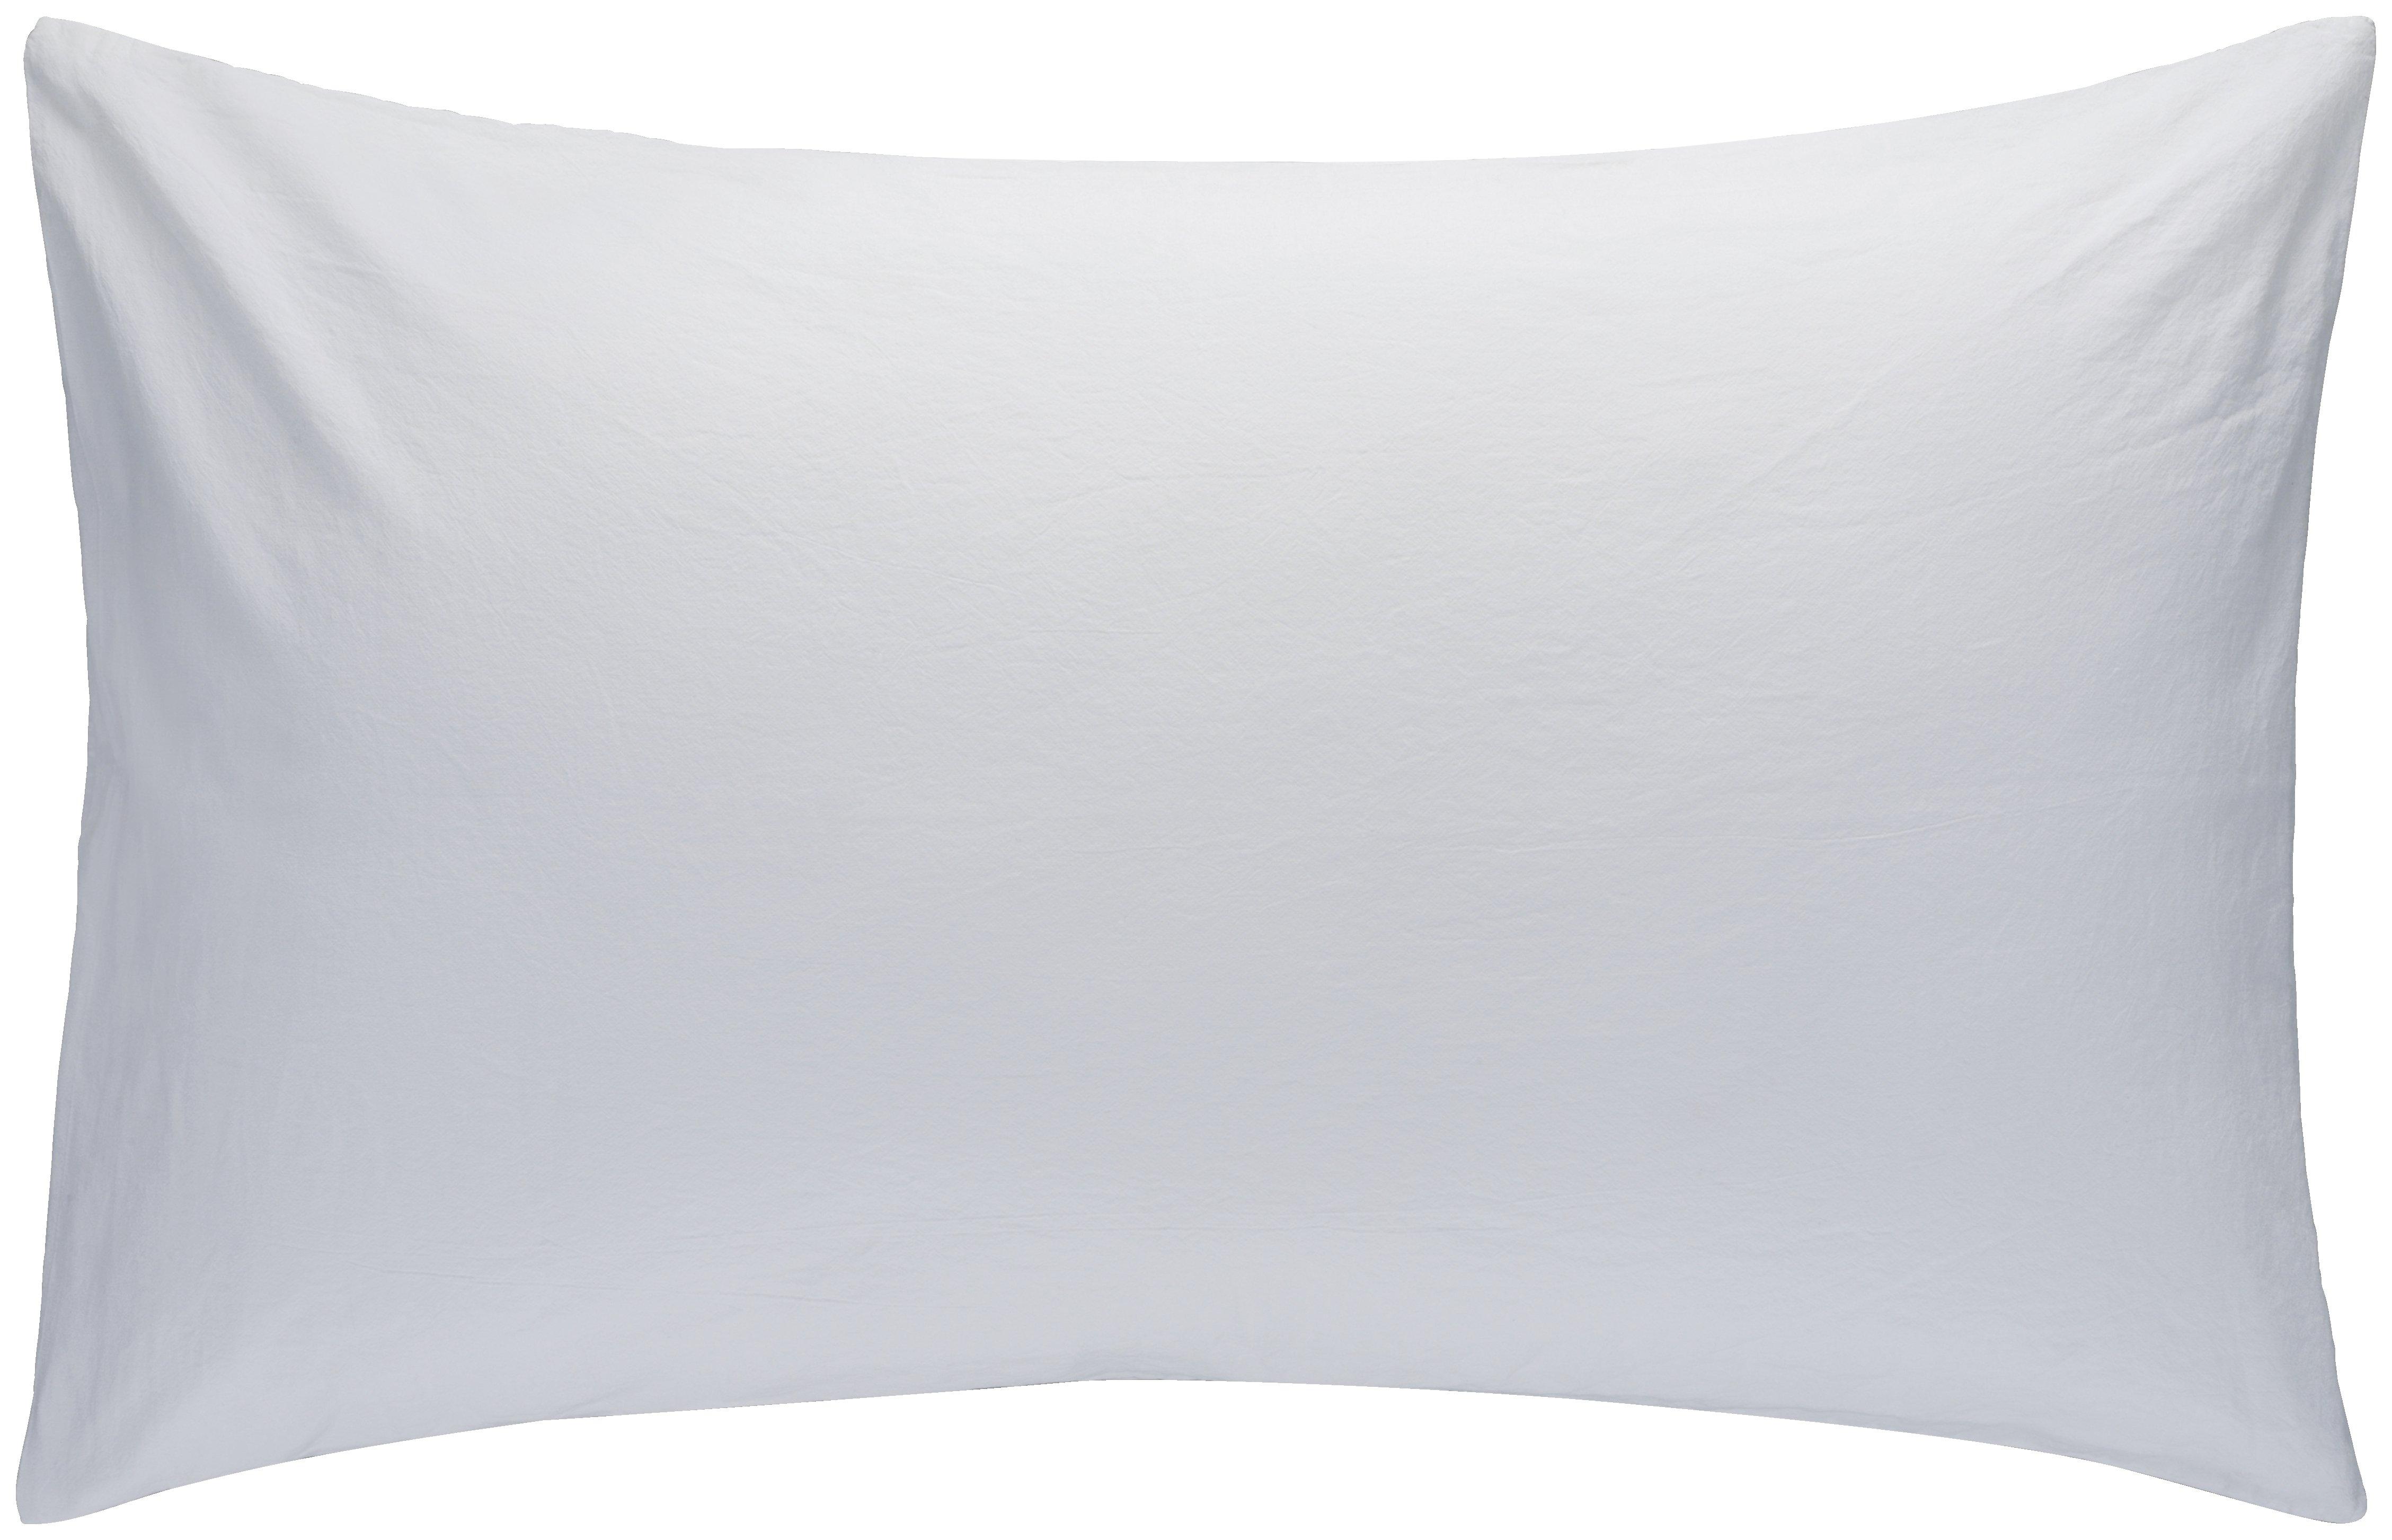 habitat  washed pillowcase 50x80cm  white